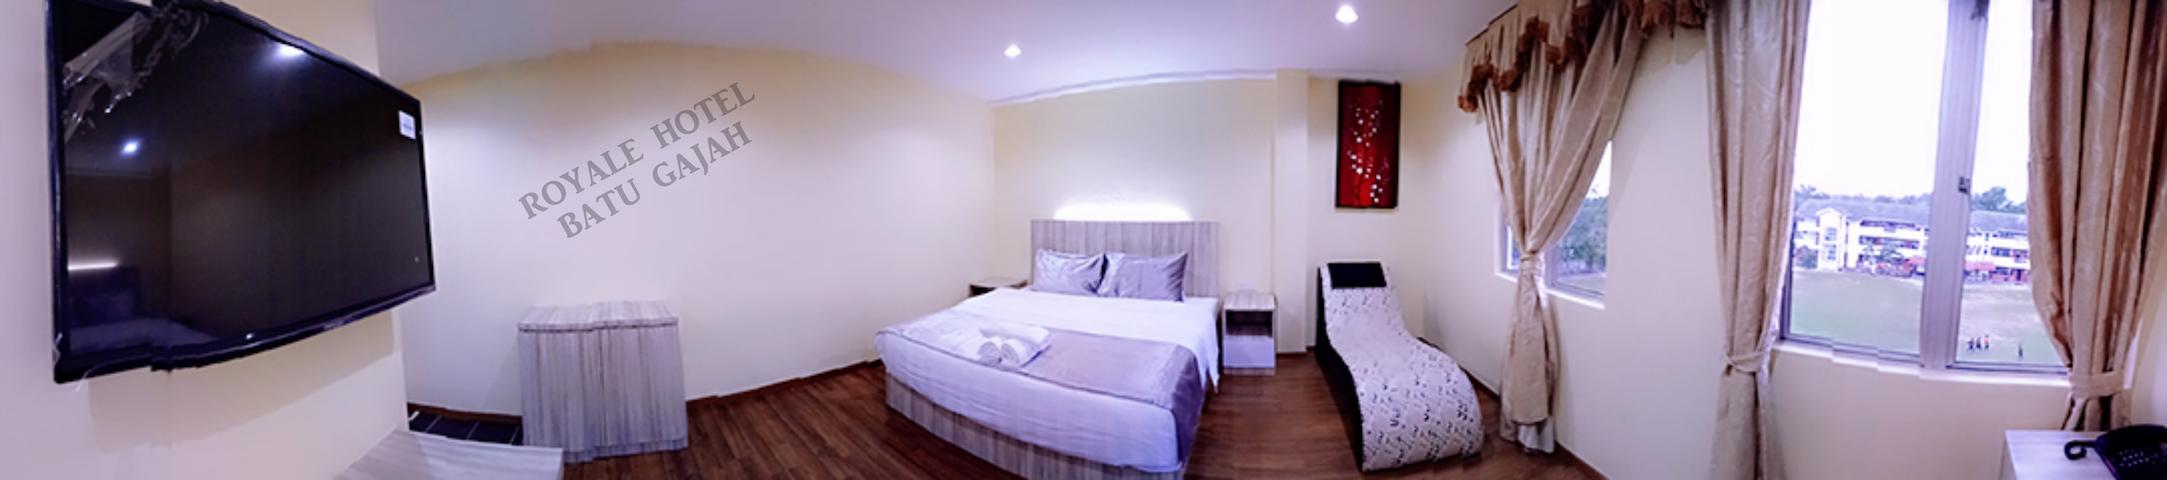 ROYALE HOTEL ROYALE & PREMIER Suites - Batu Gajah